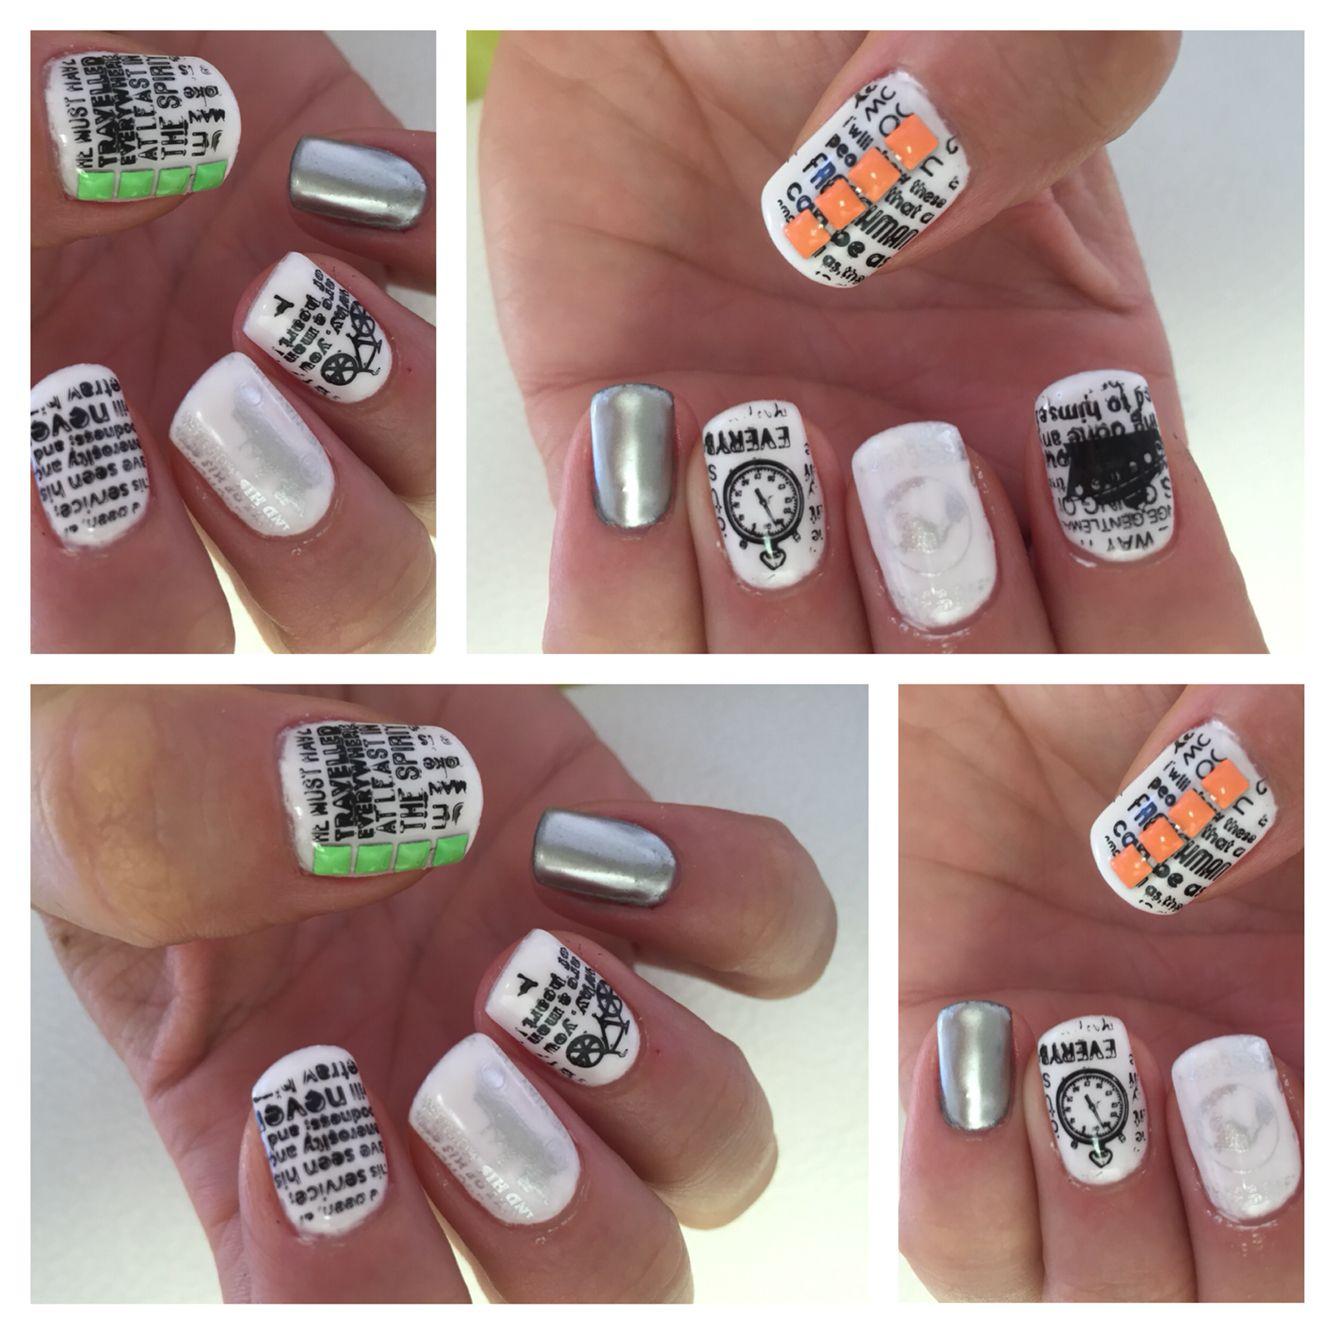 Modellage/weißes farbgel/white shellac/stamping/Black/schwarz/Silber ...